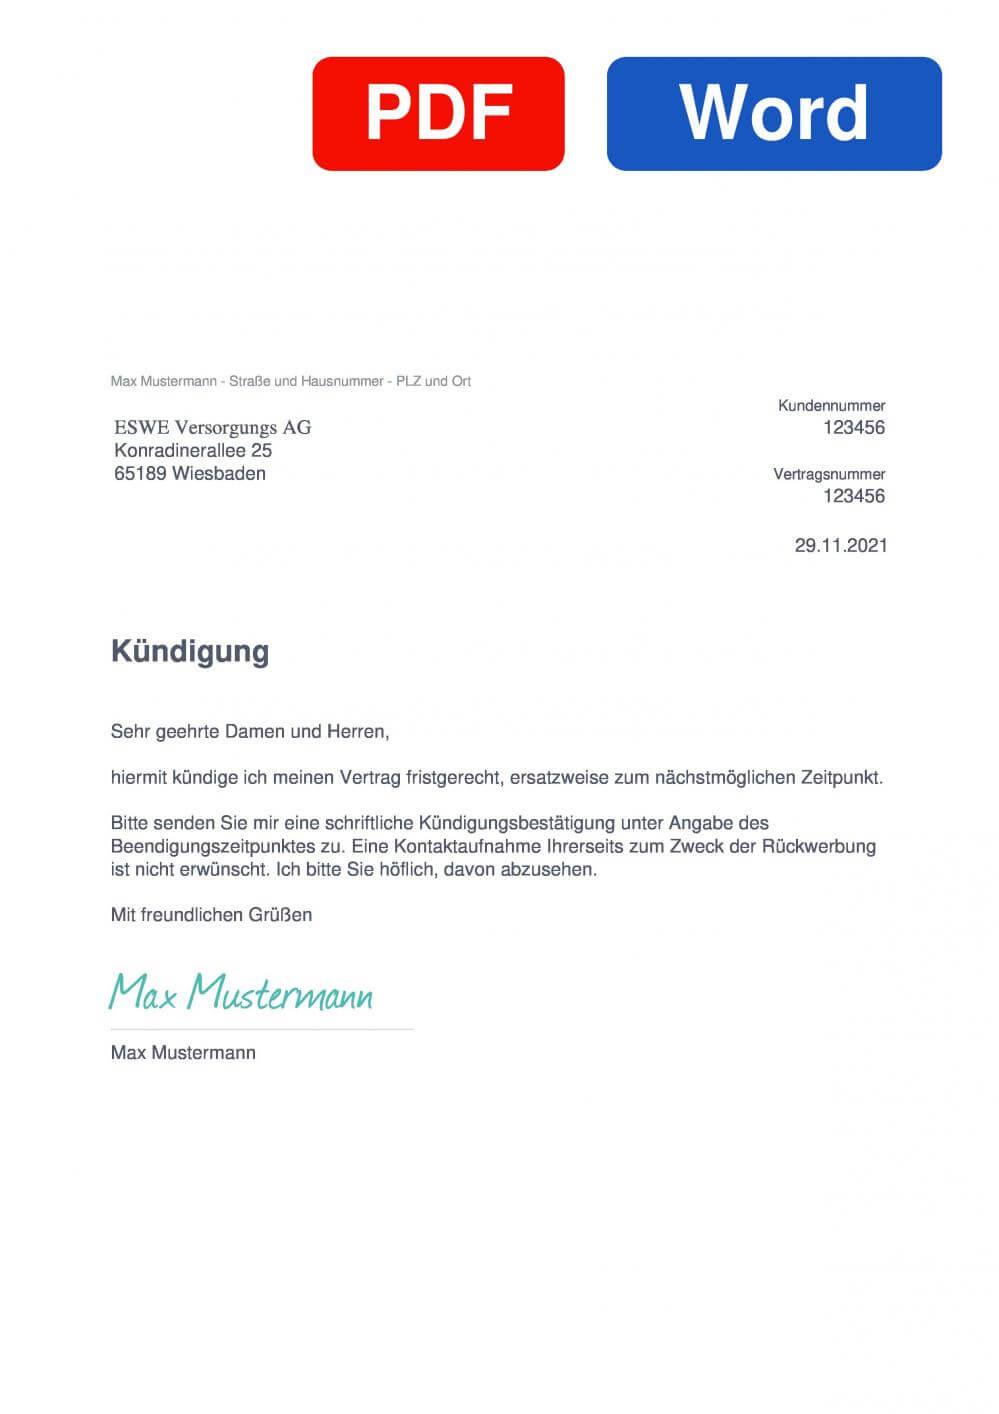 ESWE Versorgung Muster Vorlage für Kündigungsschreiben